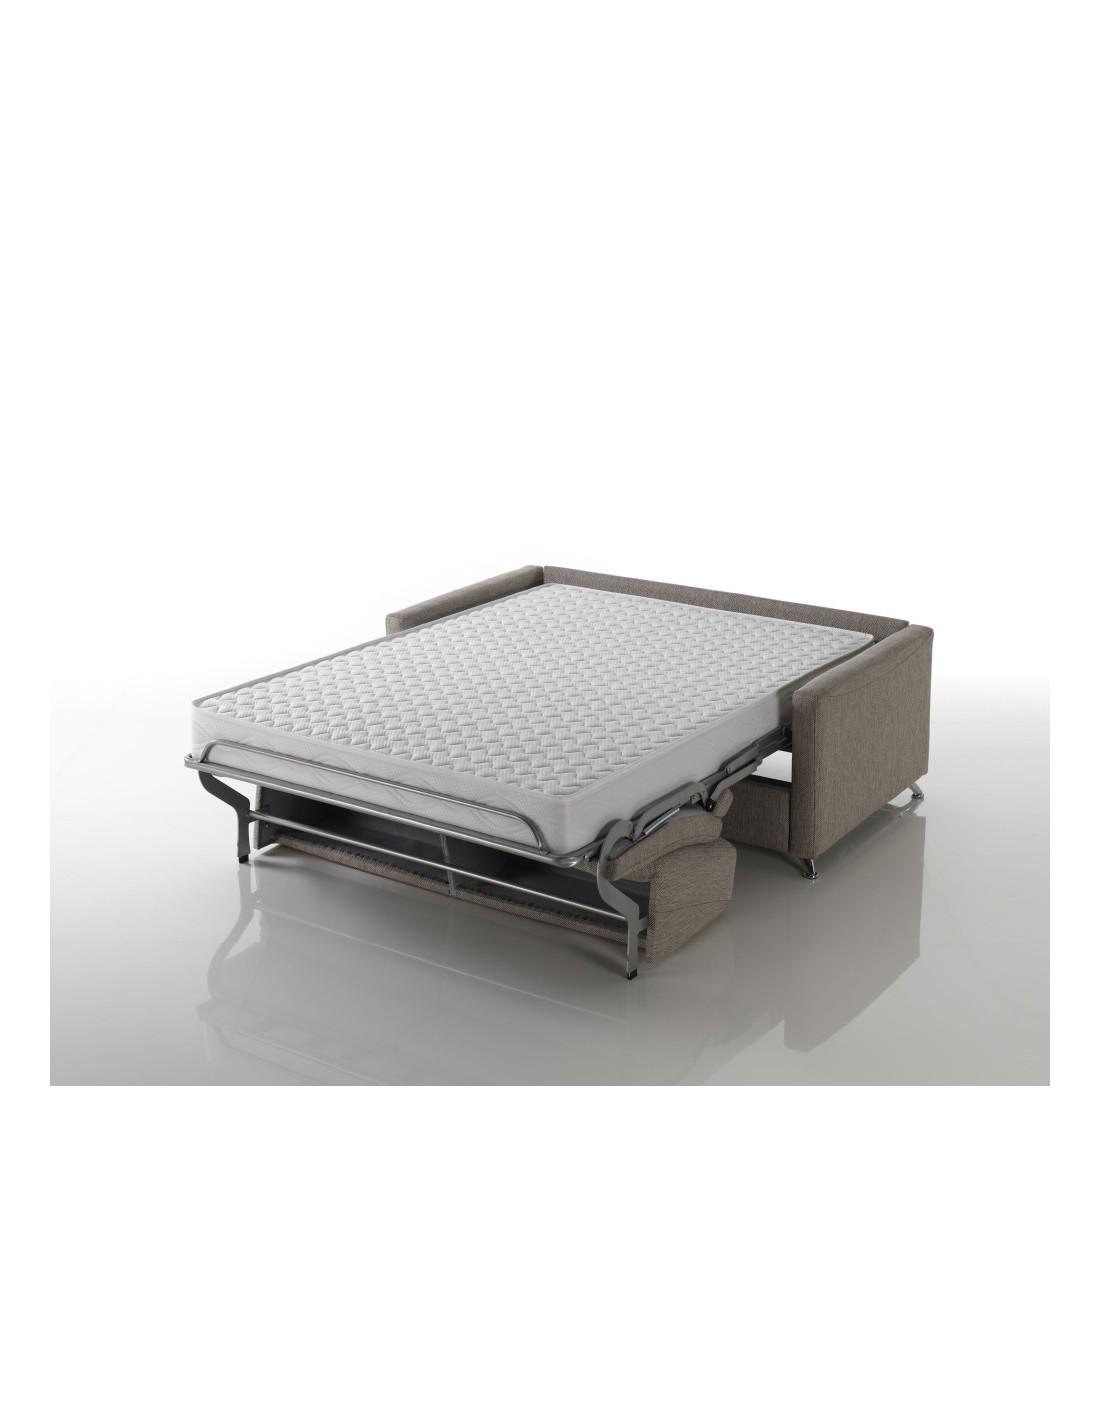 Materasso comodo alto 17 cm dentro un divano letto for Divano letto matrimoniale comodo